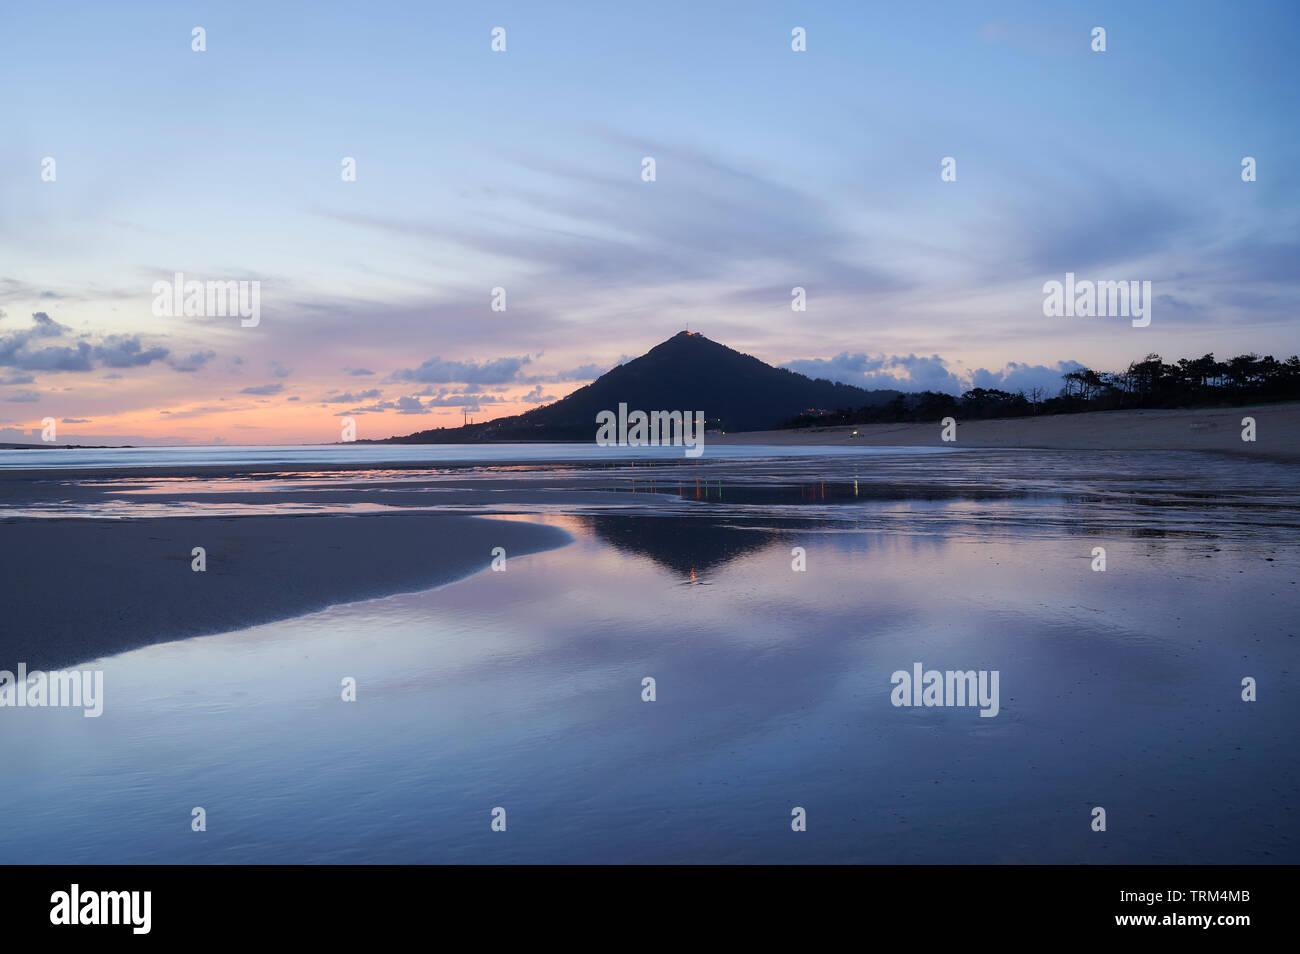 Playa de moledo al final del día, con miras a trega mountain en lado español de la frontera. Mostrar la marea baja y arenosa playa en un nublado da Foto de stock